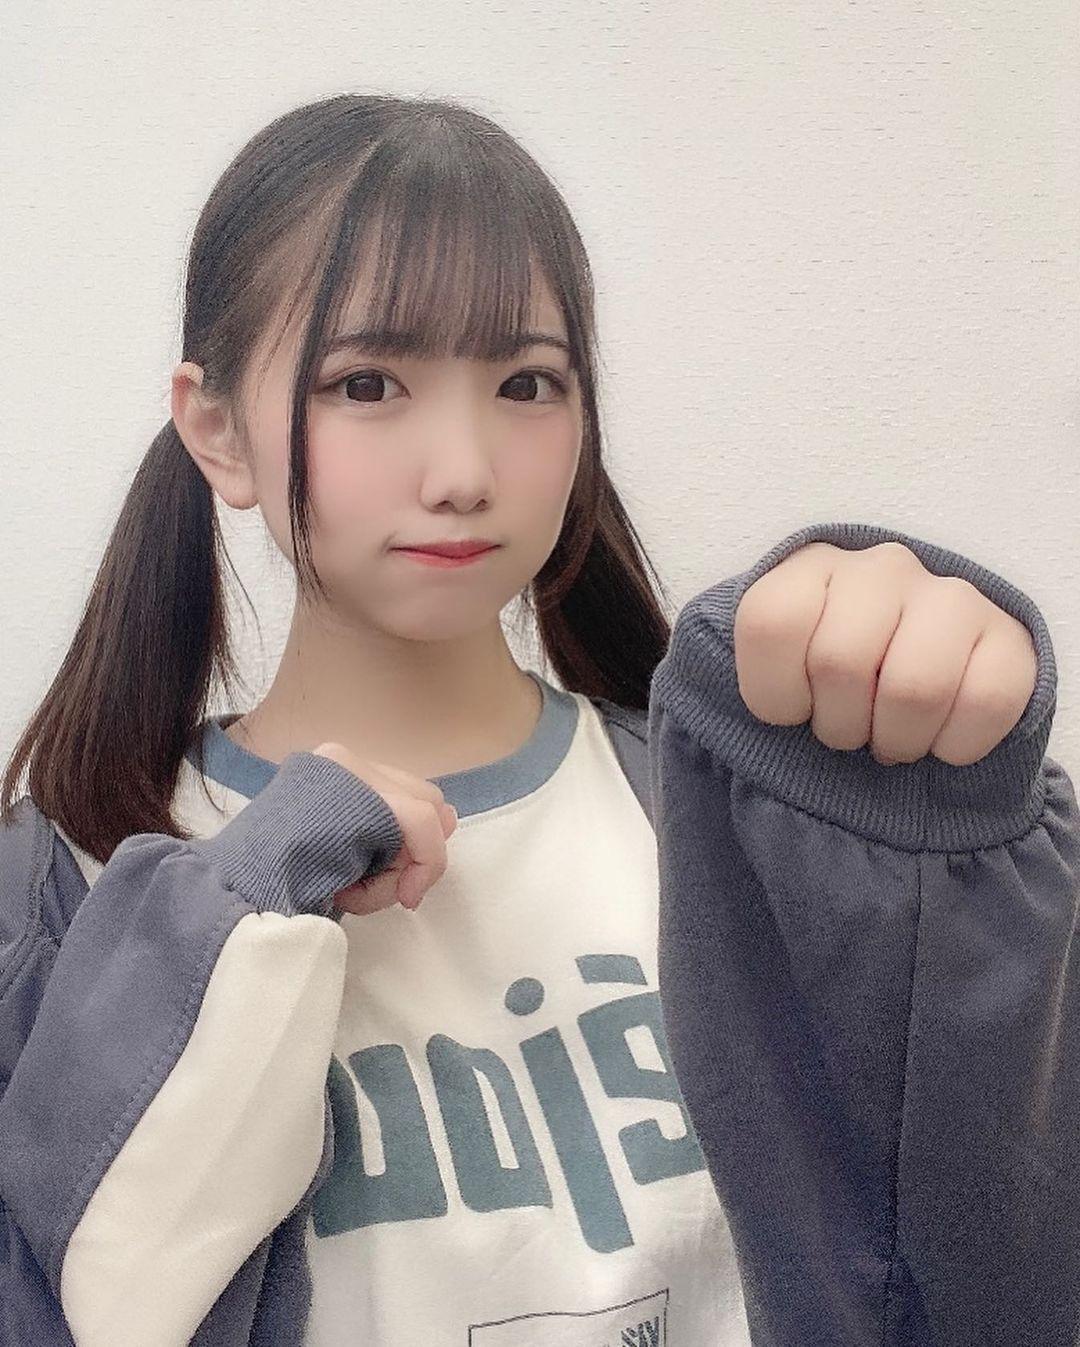 17岁高中生偶像「佐藤结衣」呆萌灿笑甜到让人蛀牙双马尾造型更是可爱到一个犯规啊-新图包